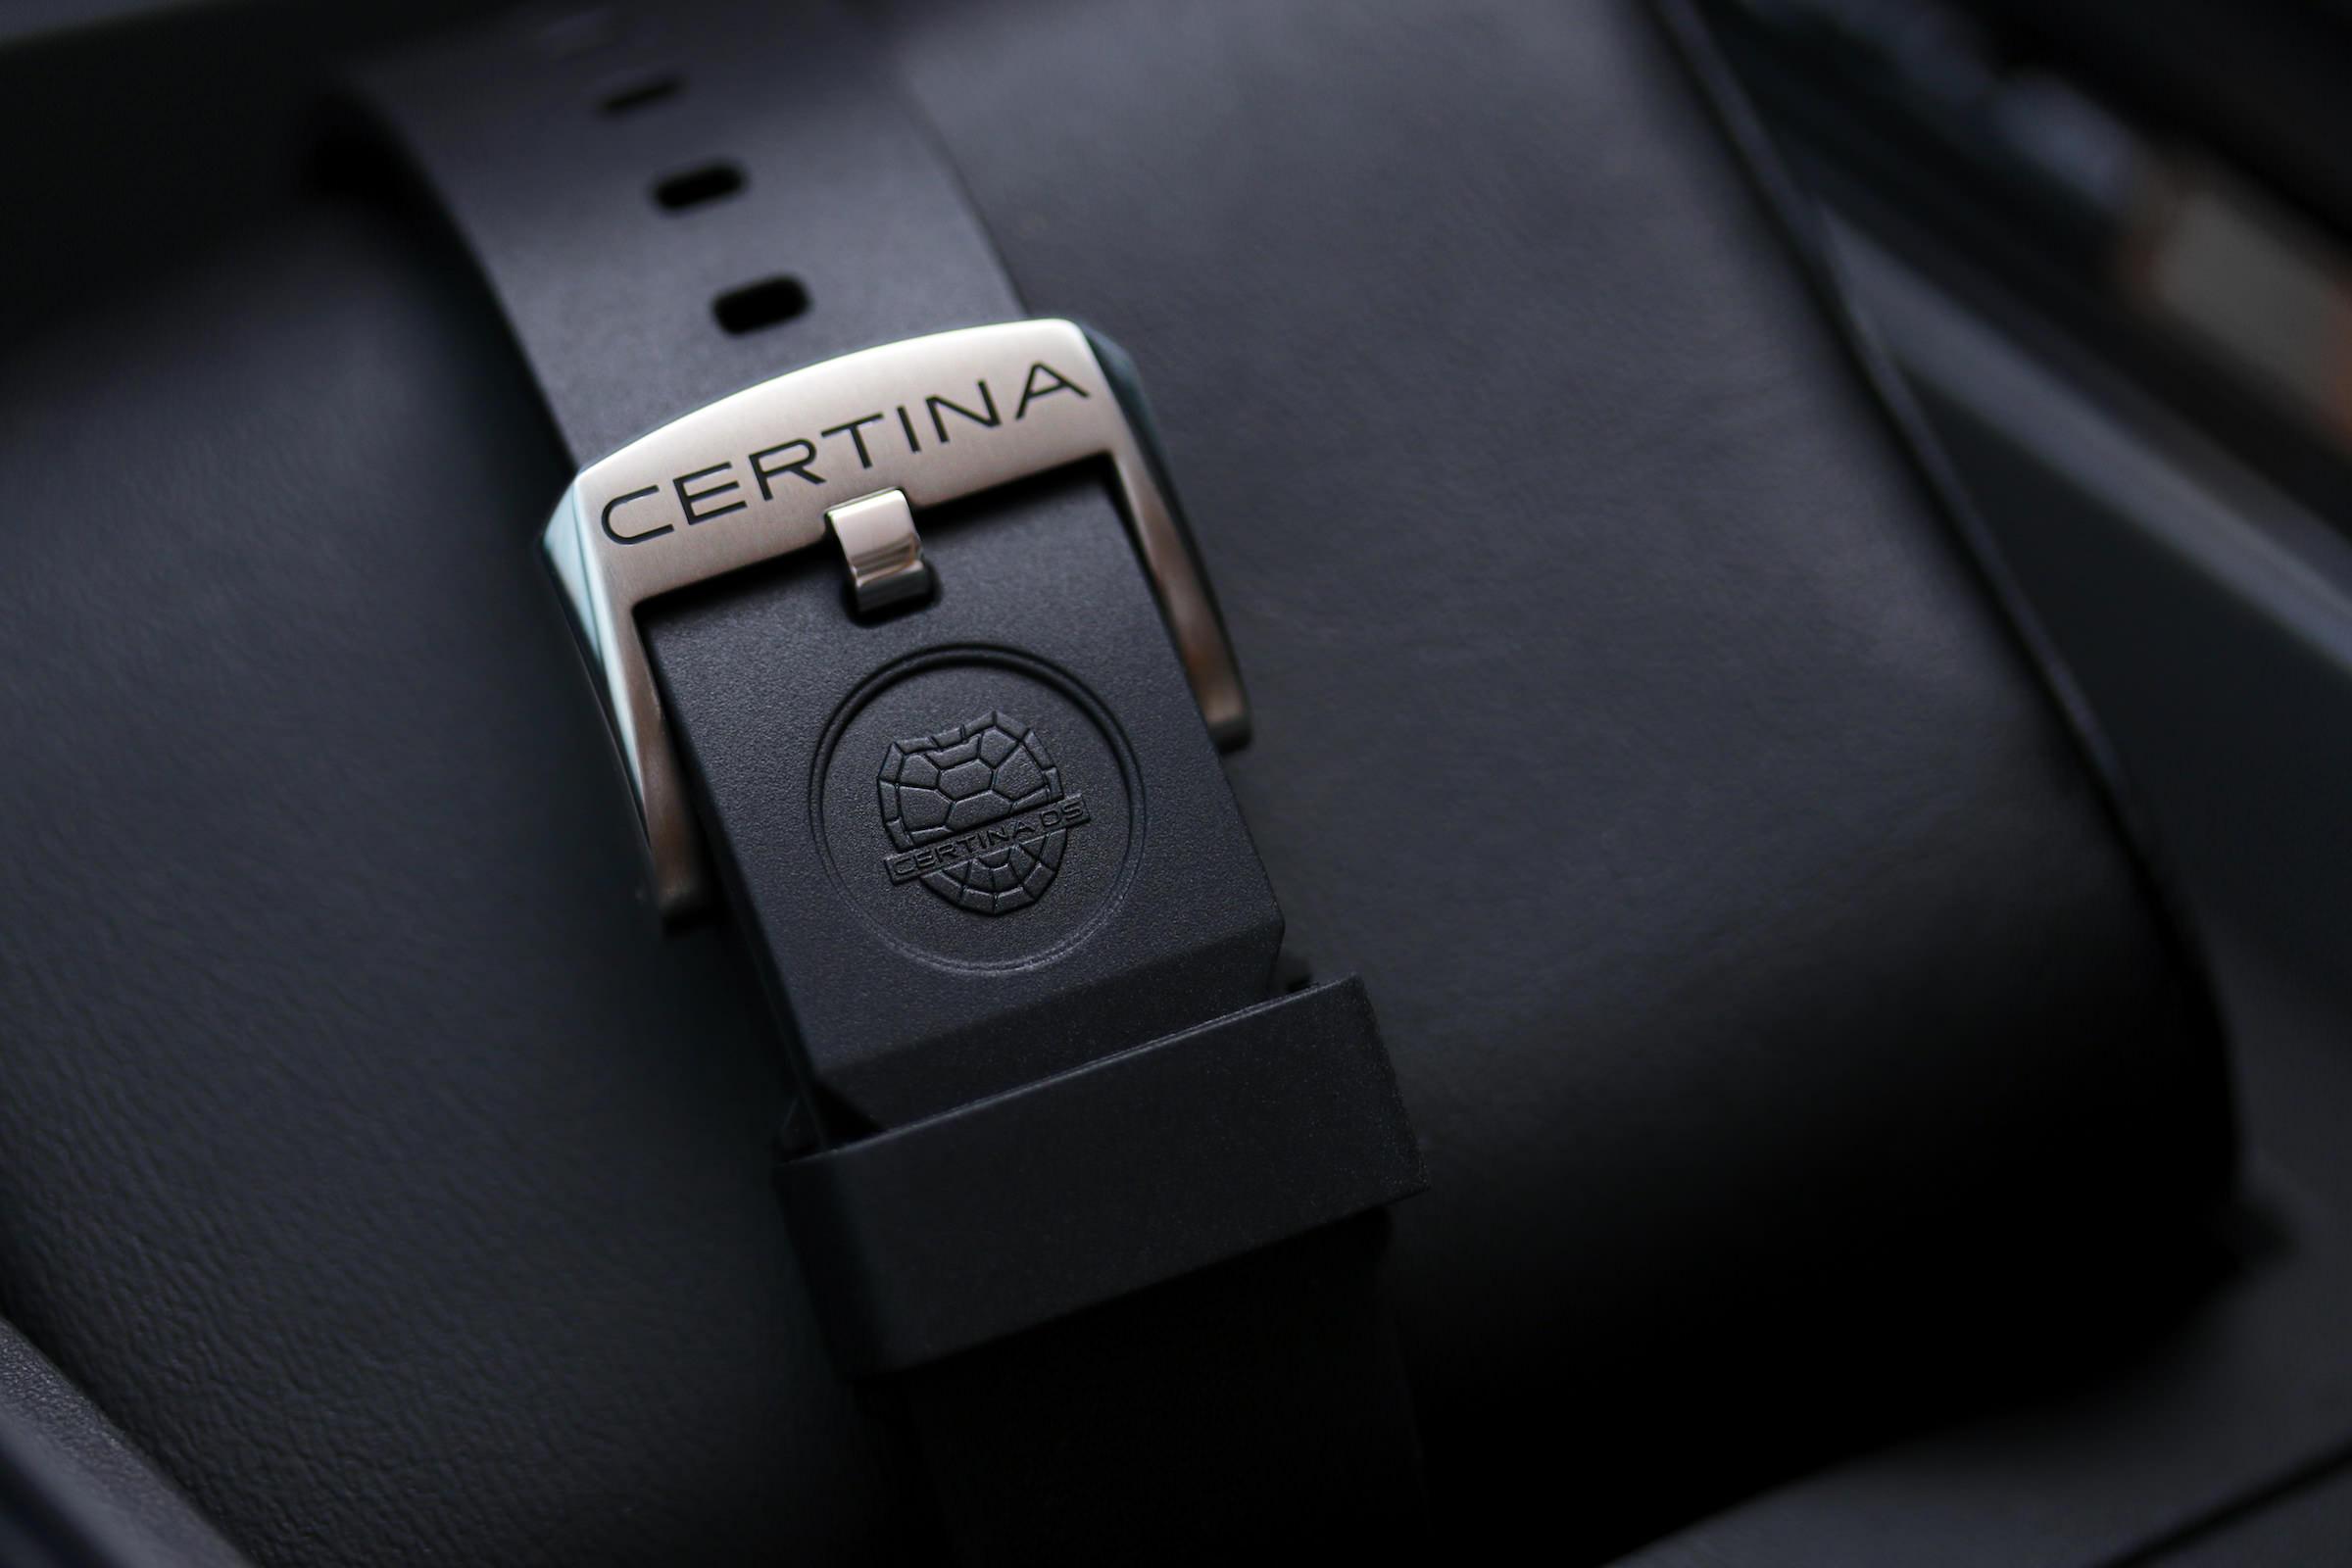 Das Band zeigt die typische Schildkröte als Emblem des DS-Konzeptes